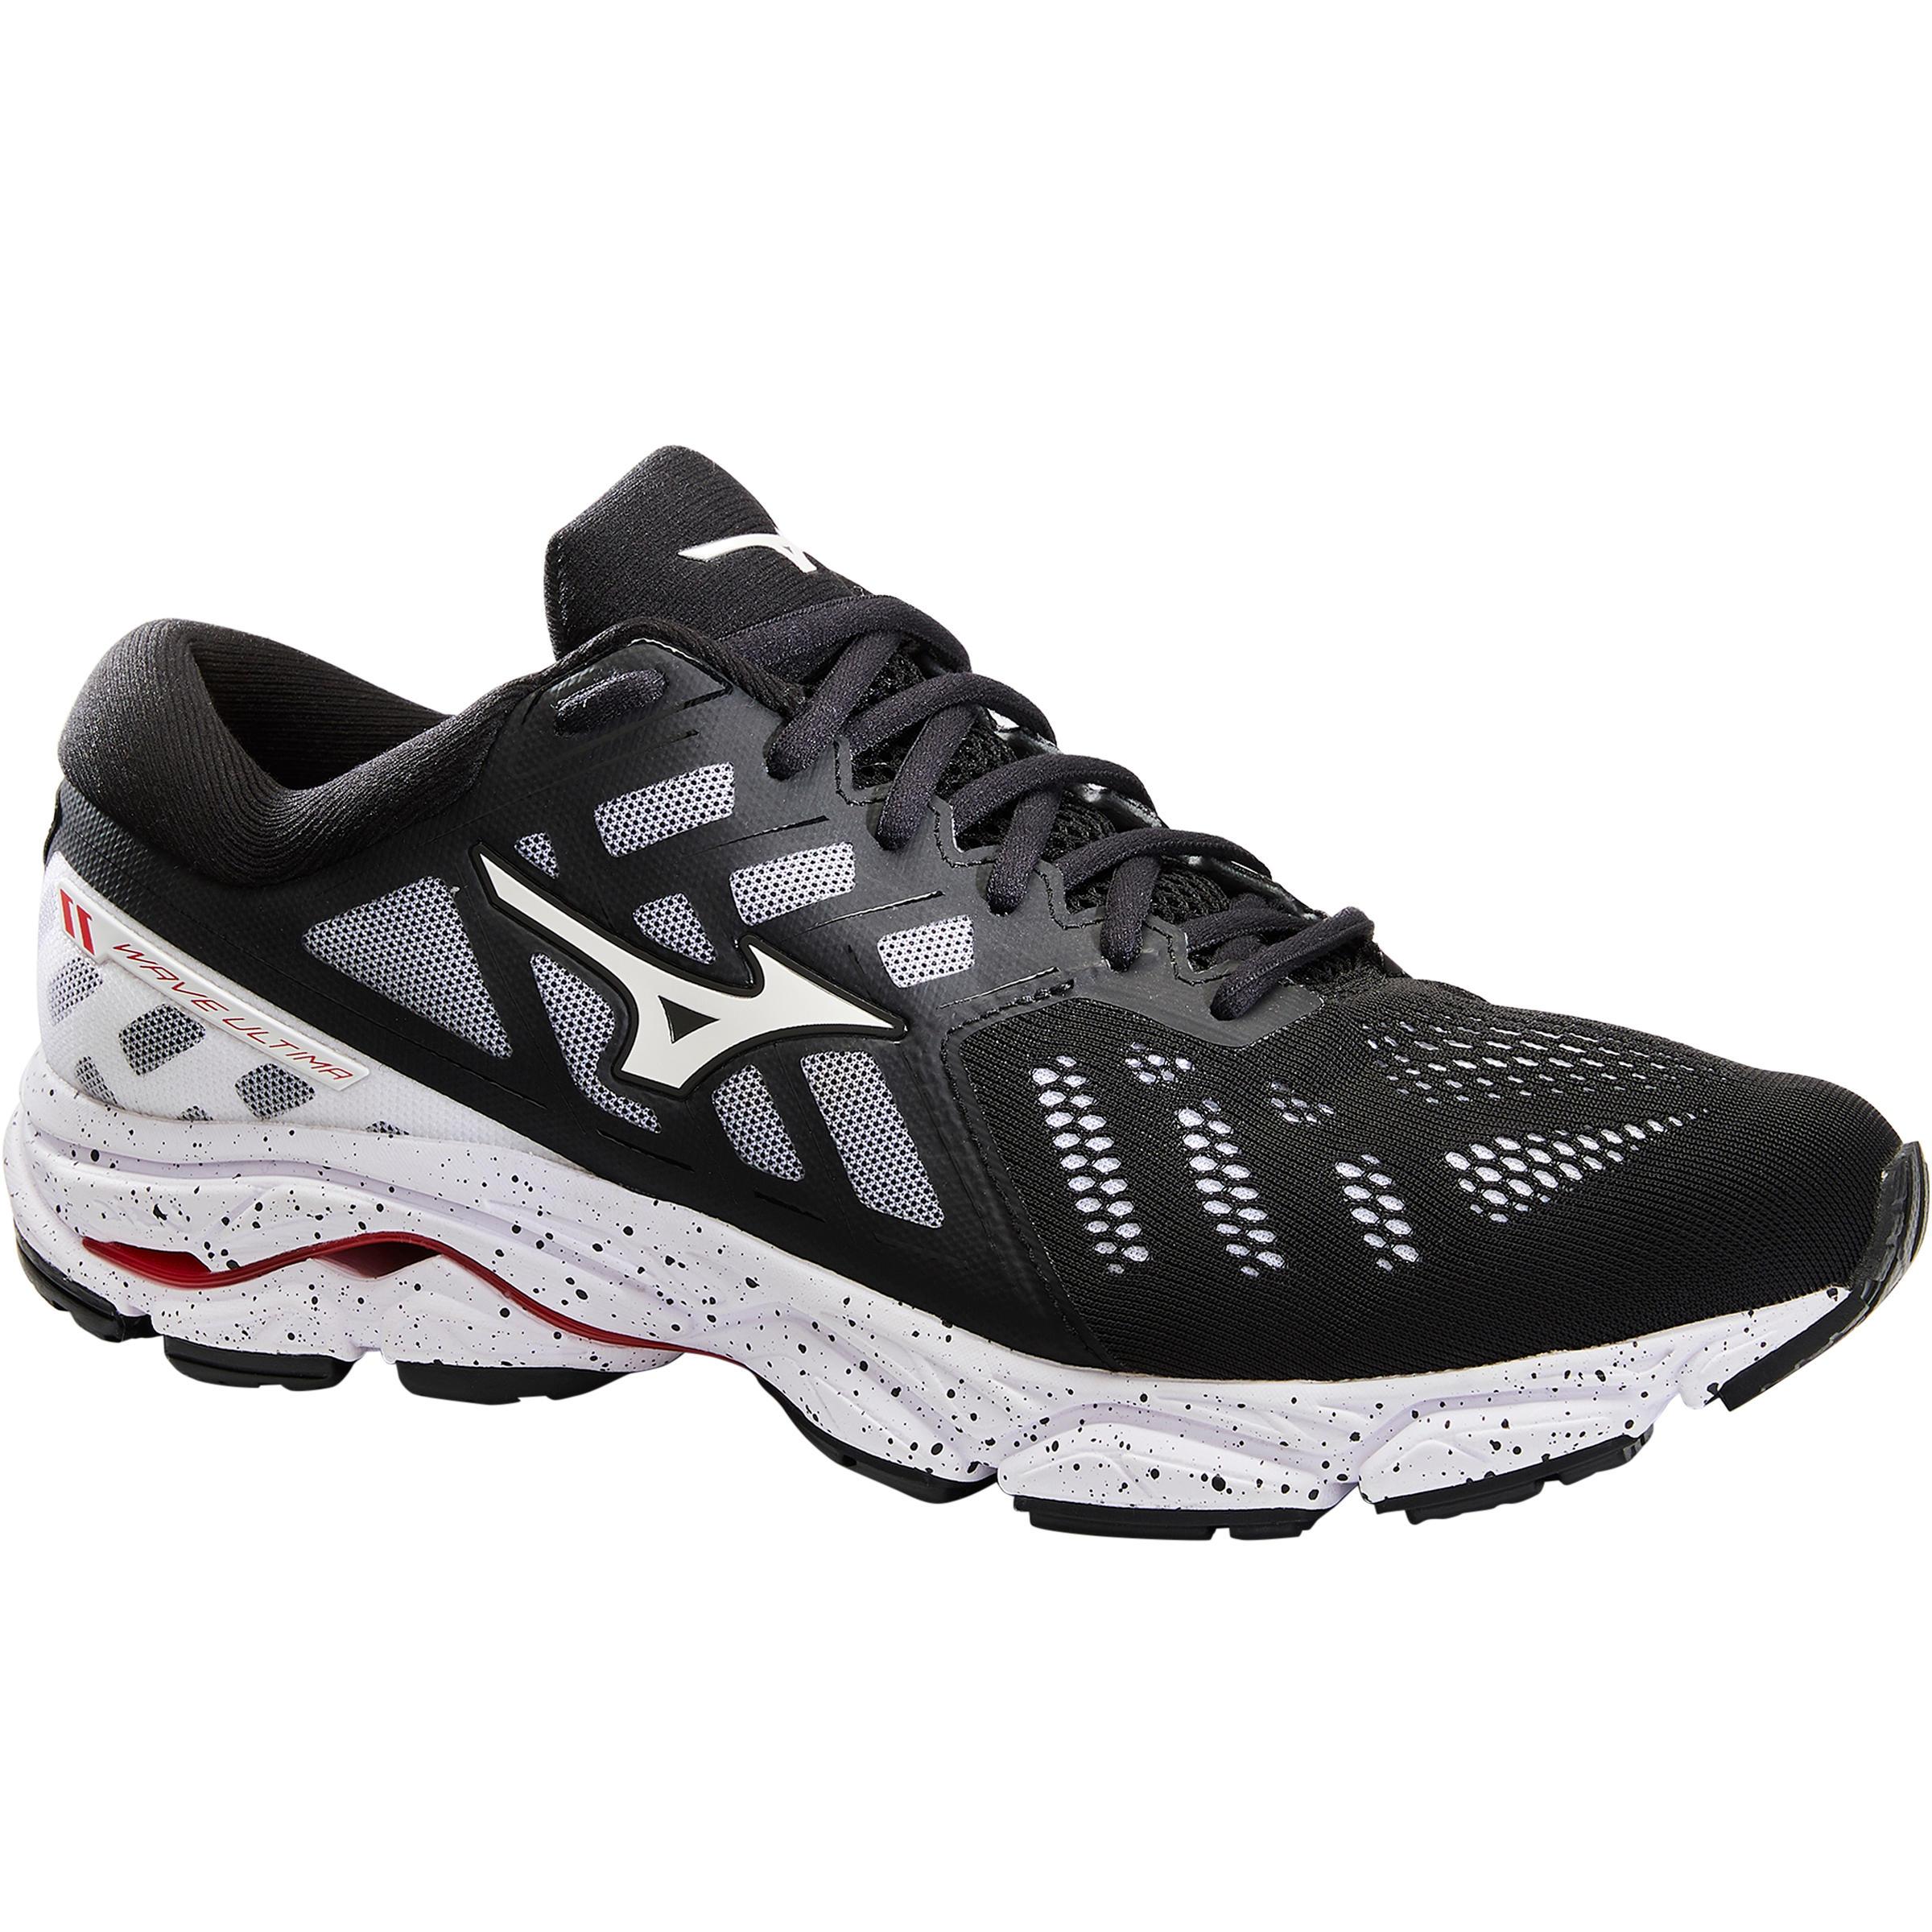 Chaussure running homme wave ultima noire mizuno